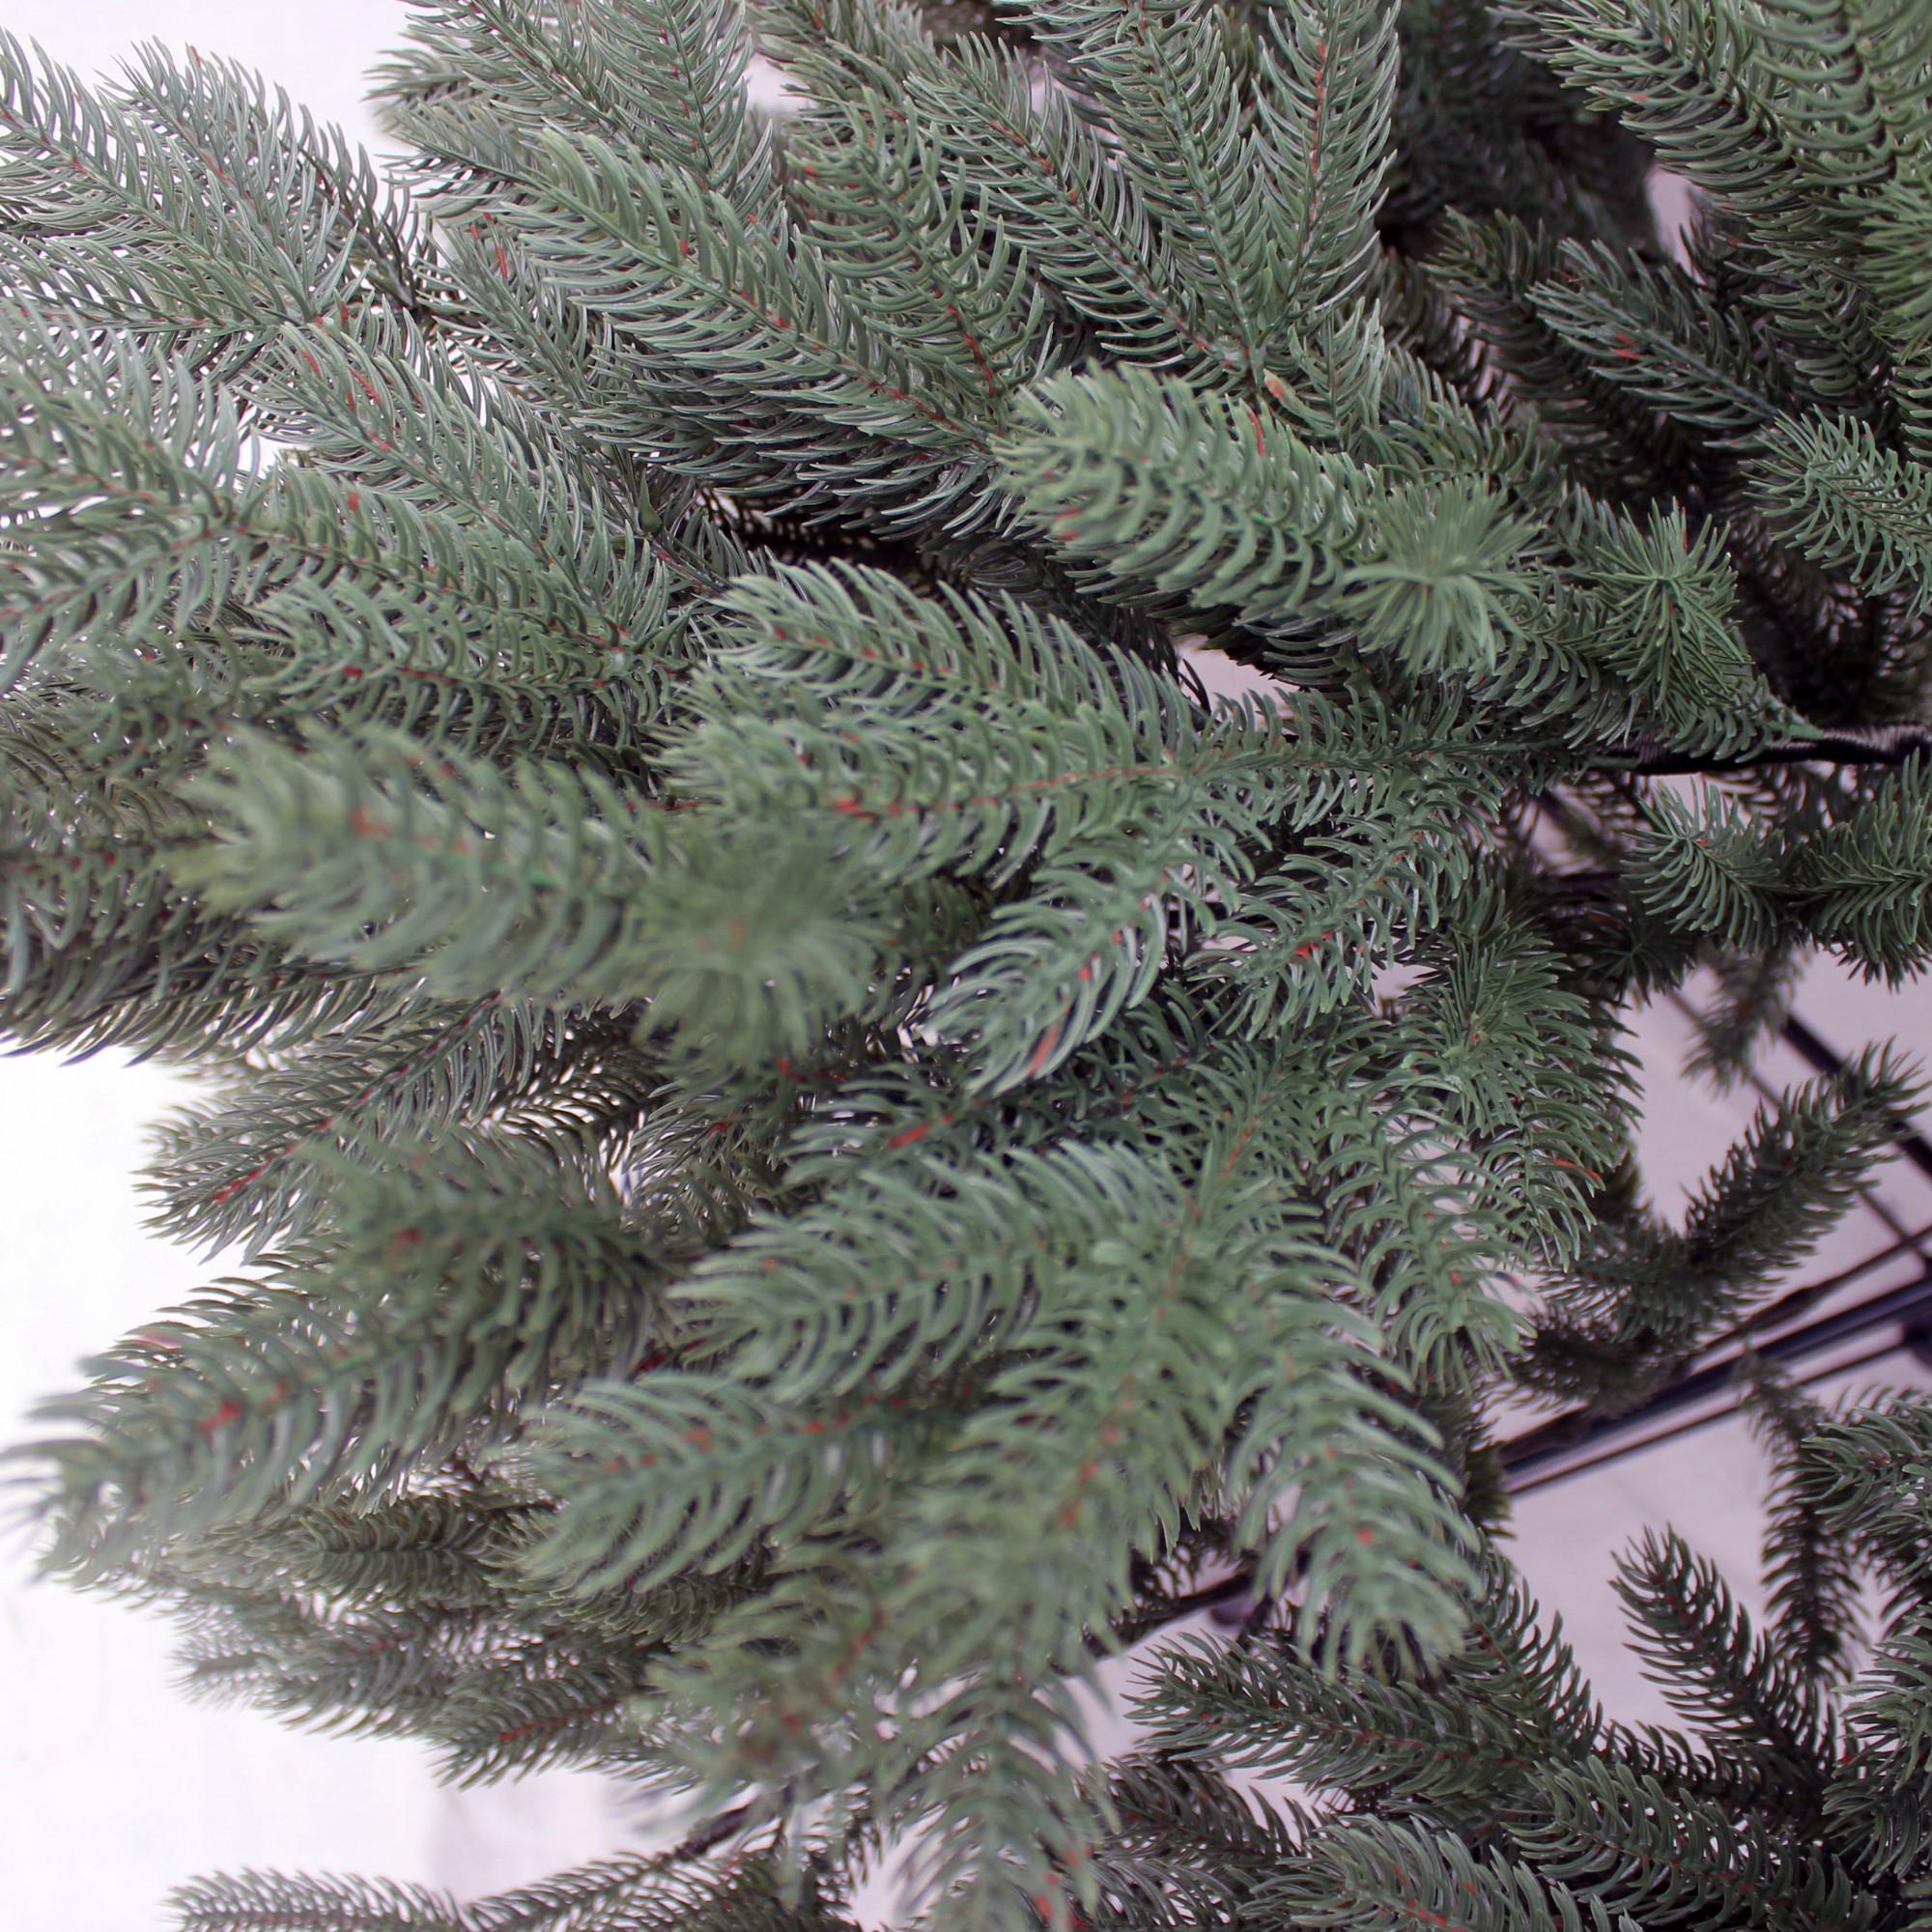 hxt 1418 weihnachtsbaum 120 cm k nstliche weihnachtsb ume. Black Bedroom Furniture Sets. Home Design Ideas